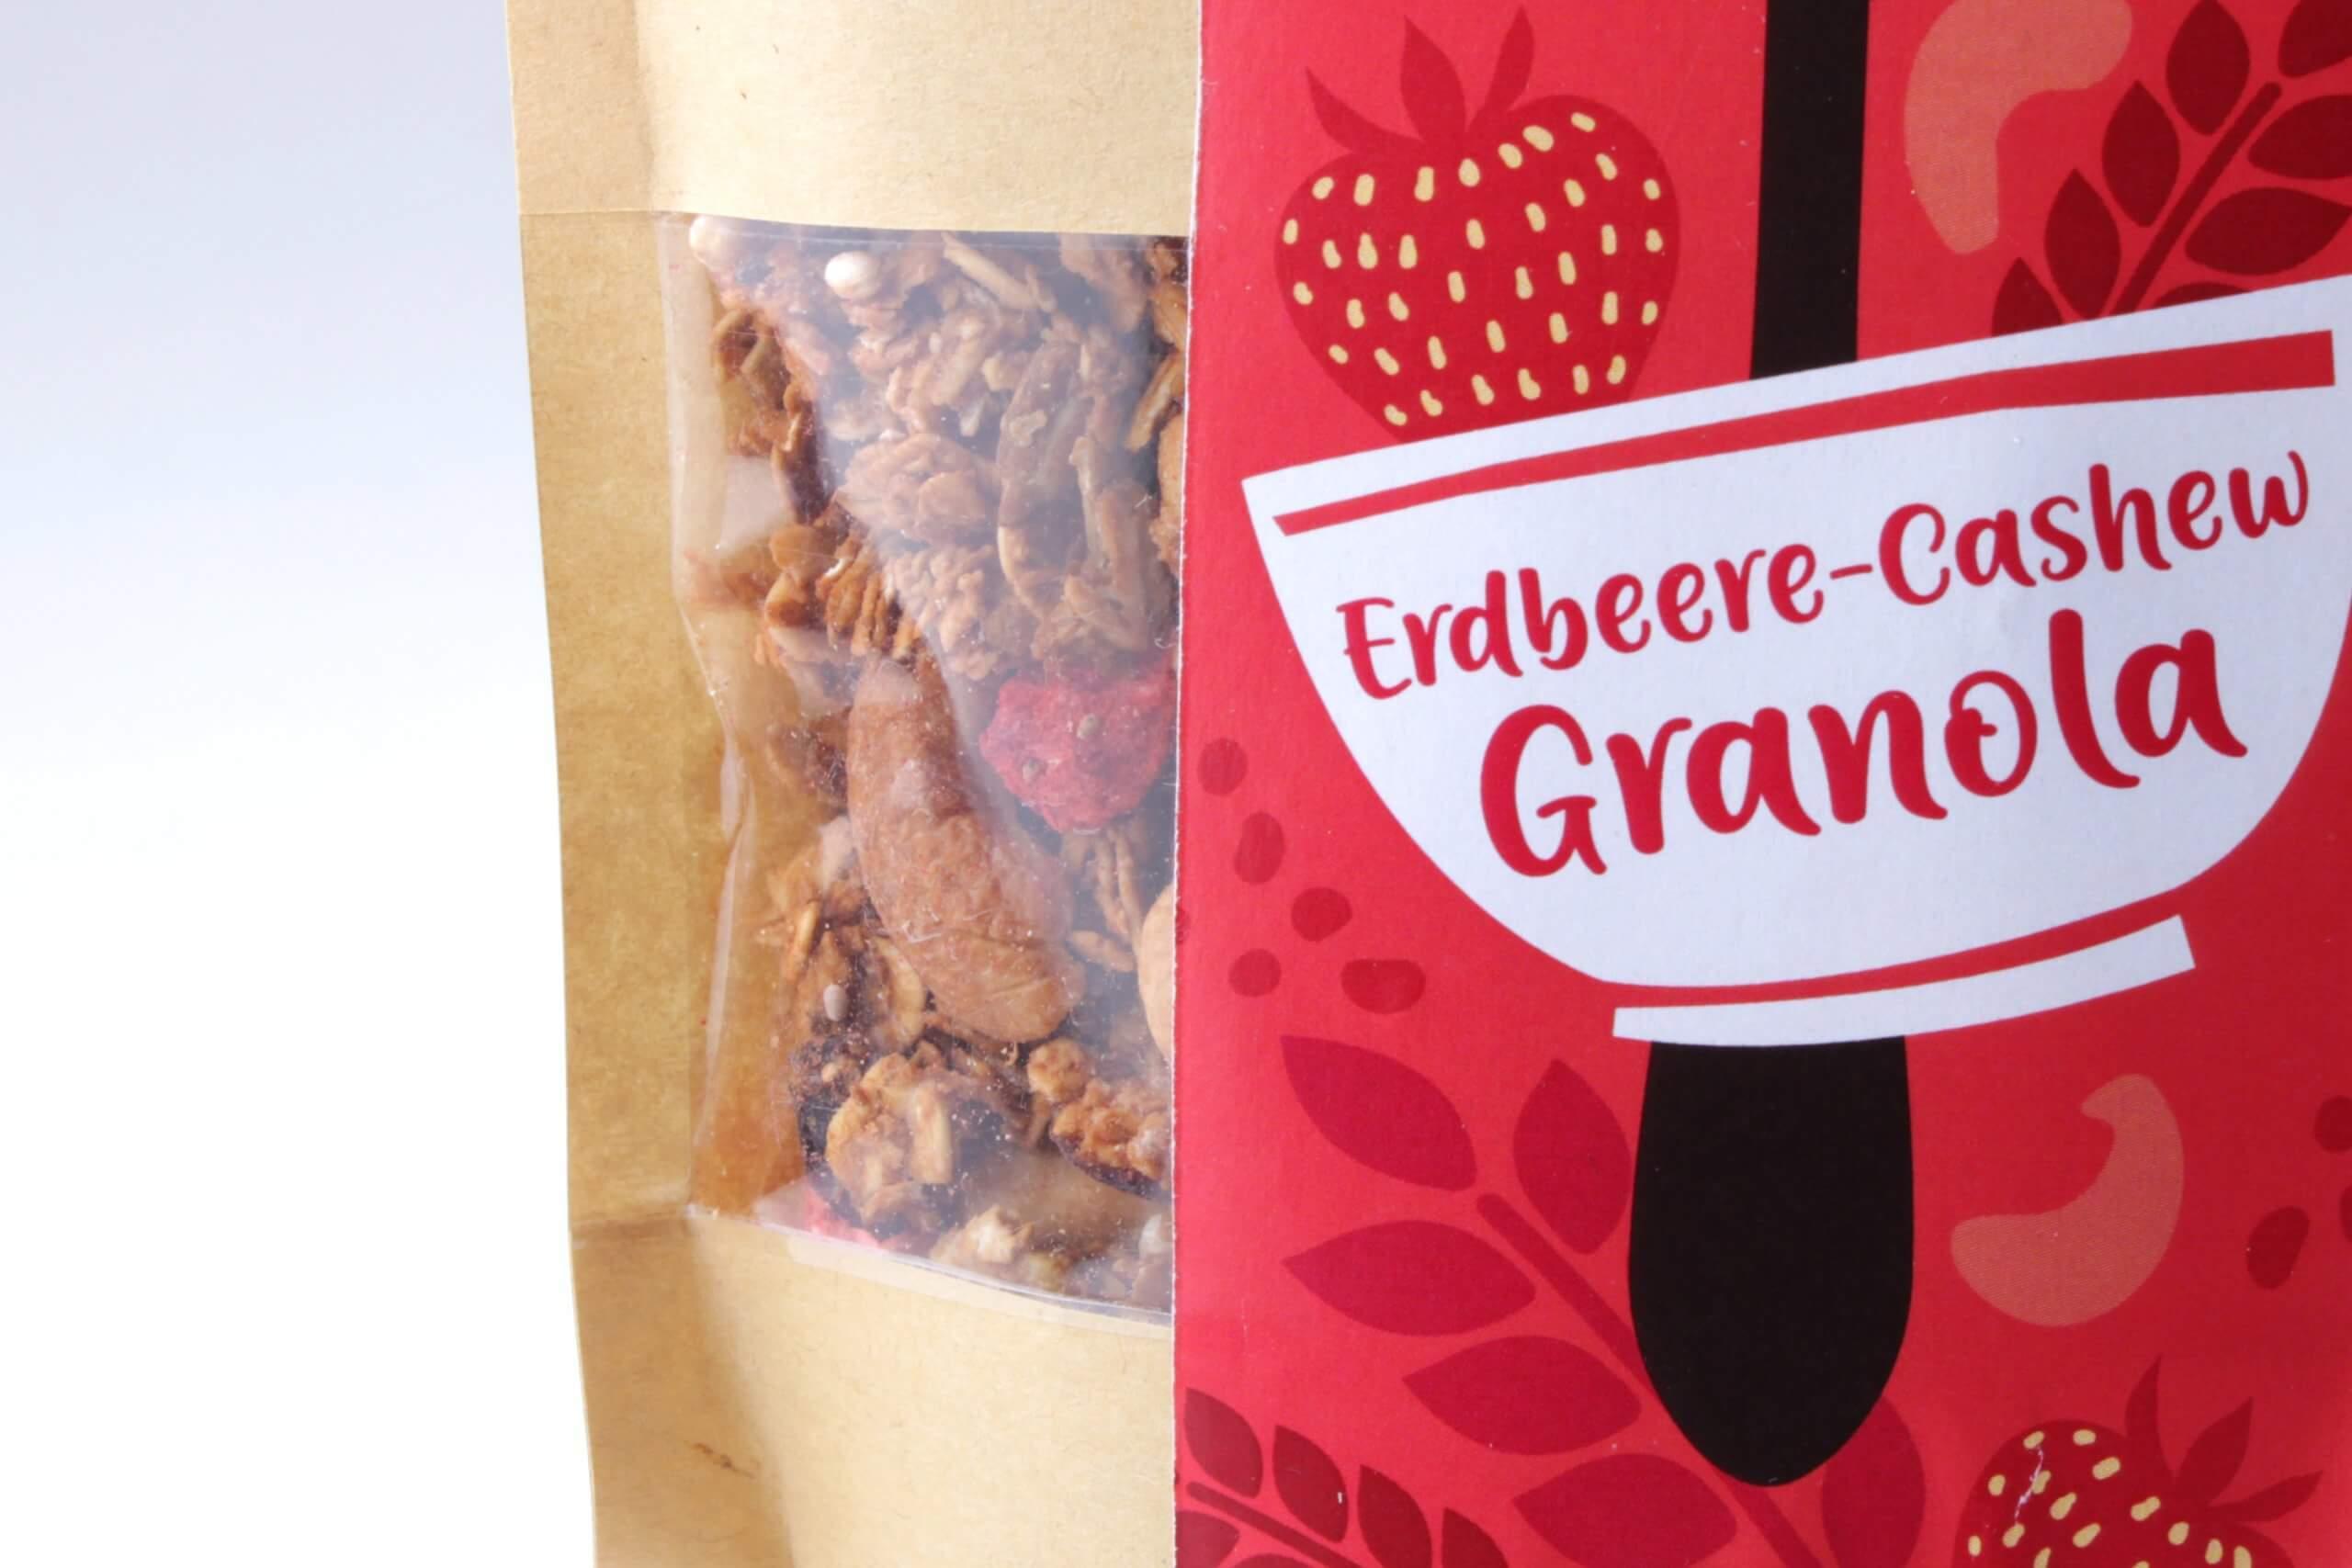 Erdbeer Cashew Granola von feinjemacht